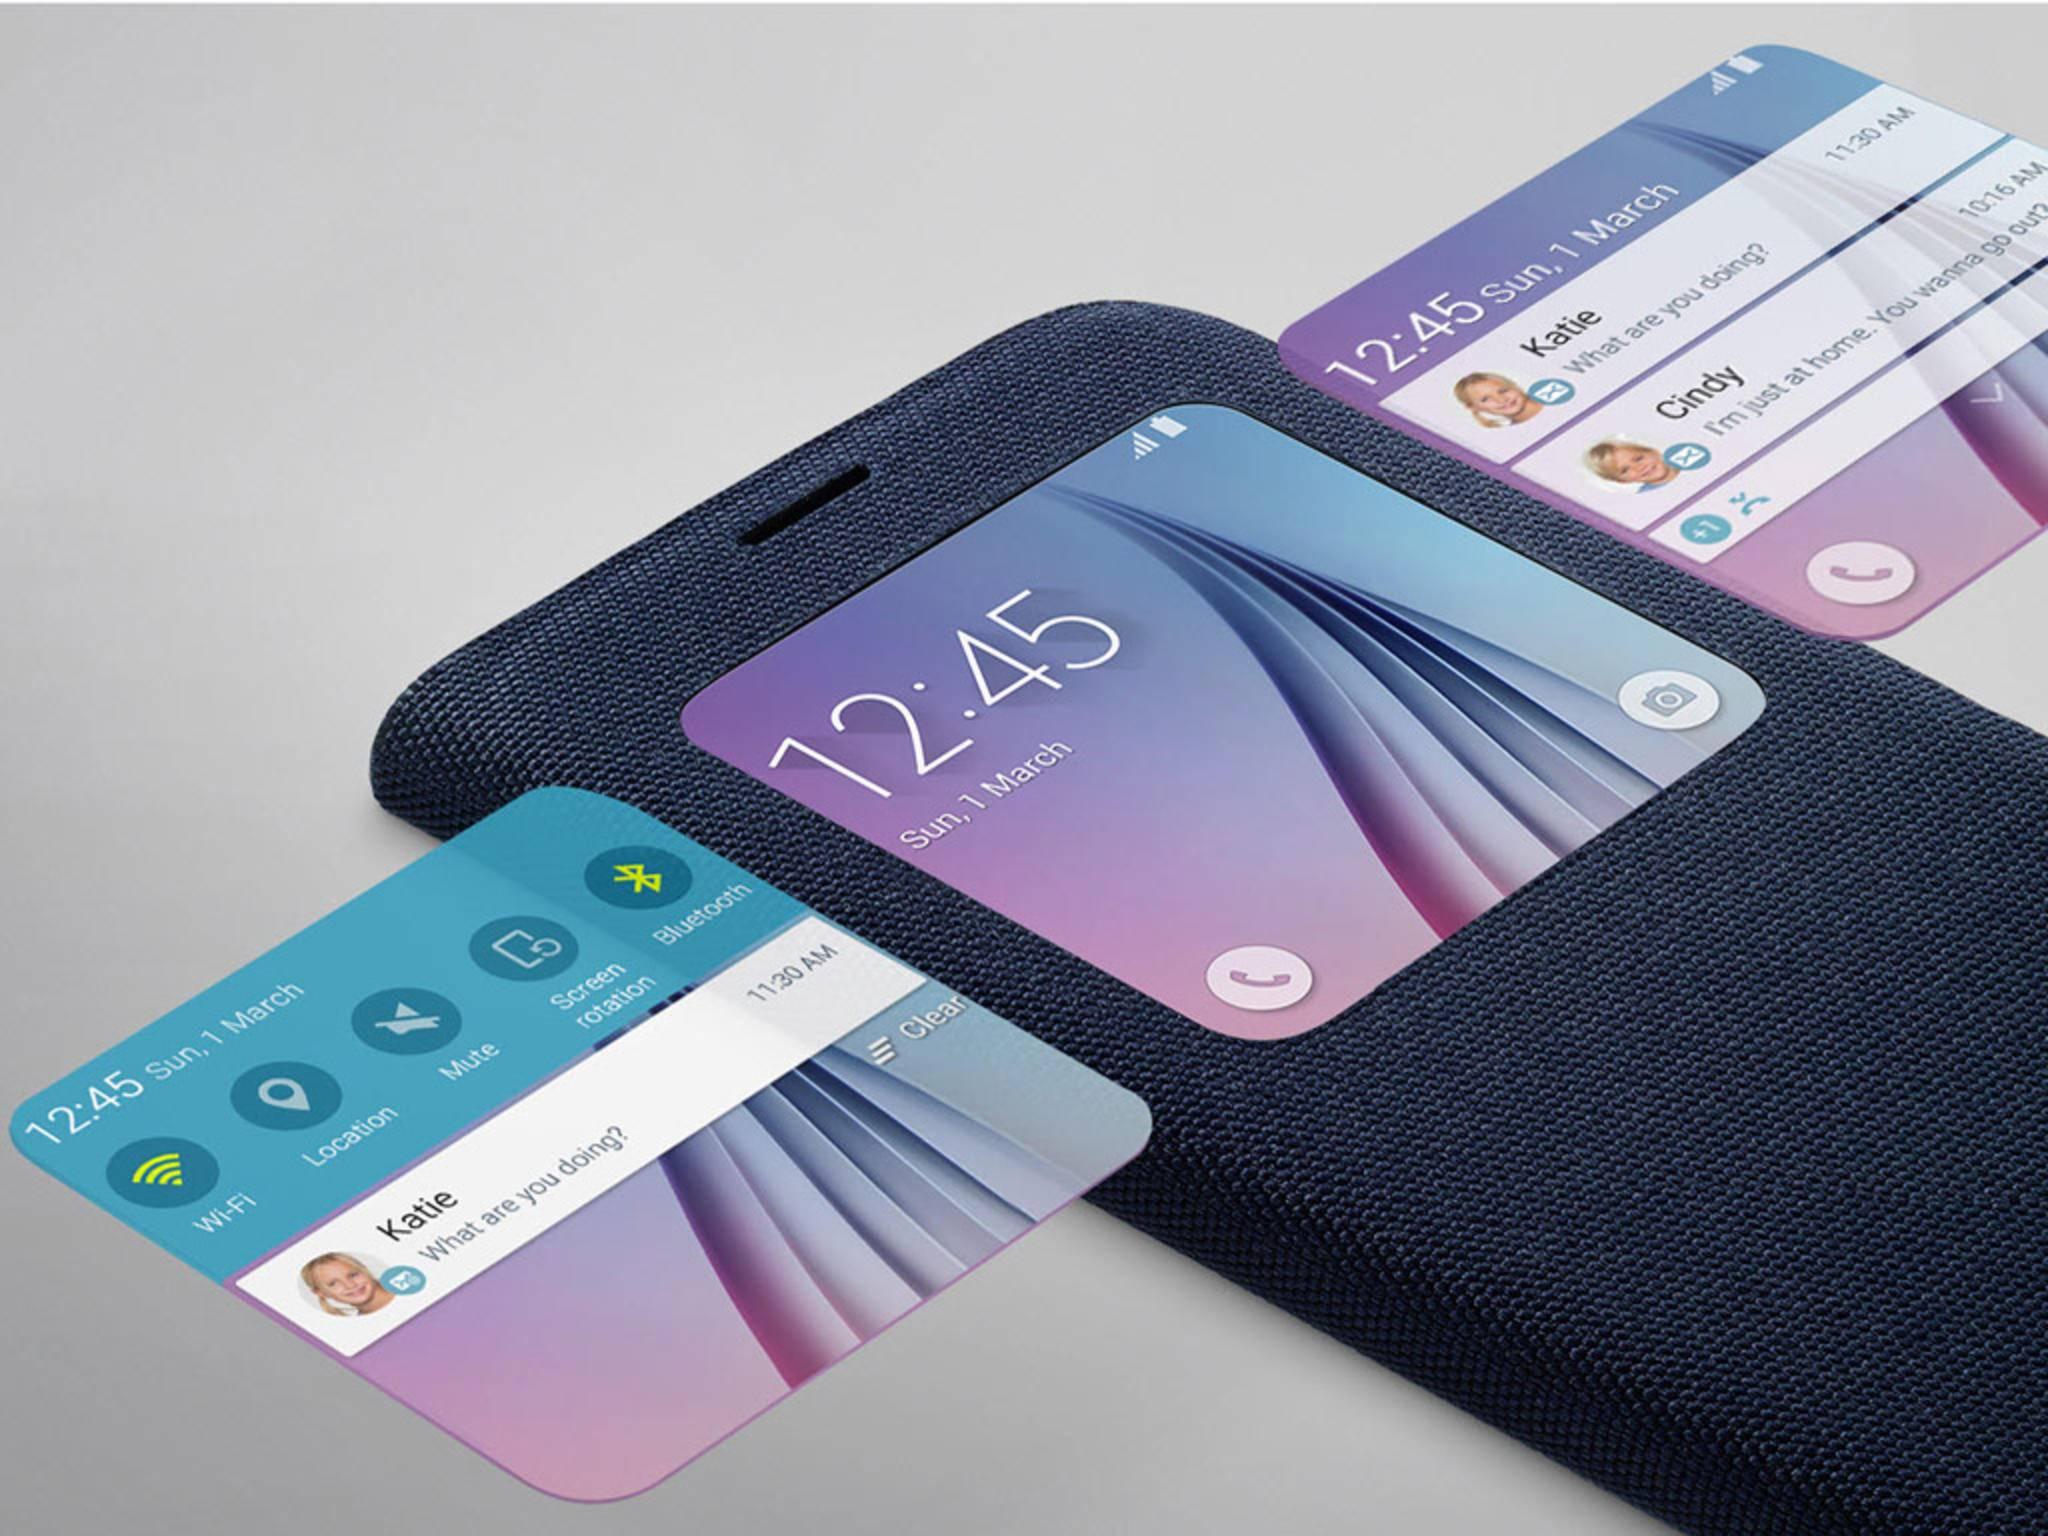 Wichtige Benachrichtigungen sind auch ohne Aufklappen des Galaxy S6 Smartphones einsehbar.